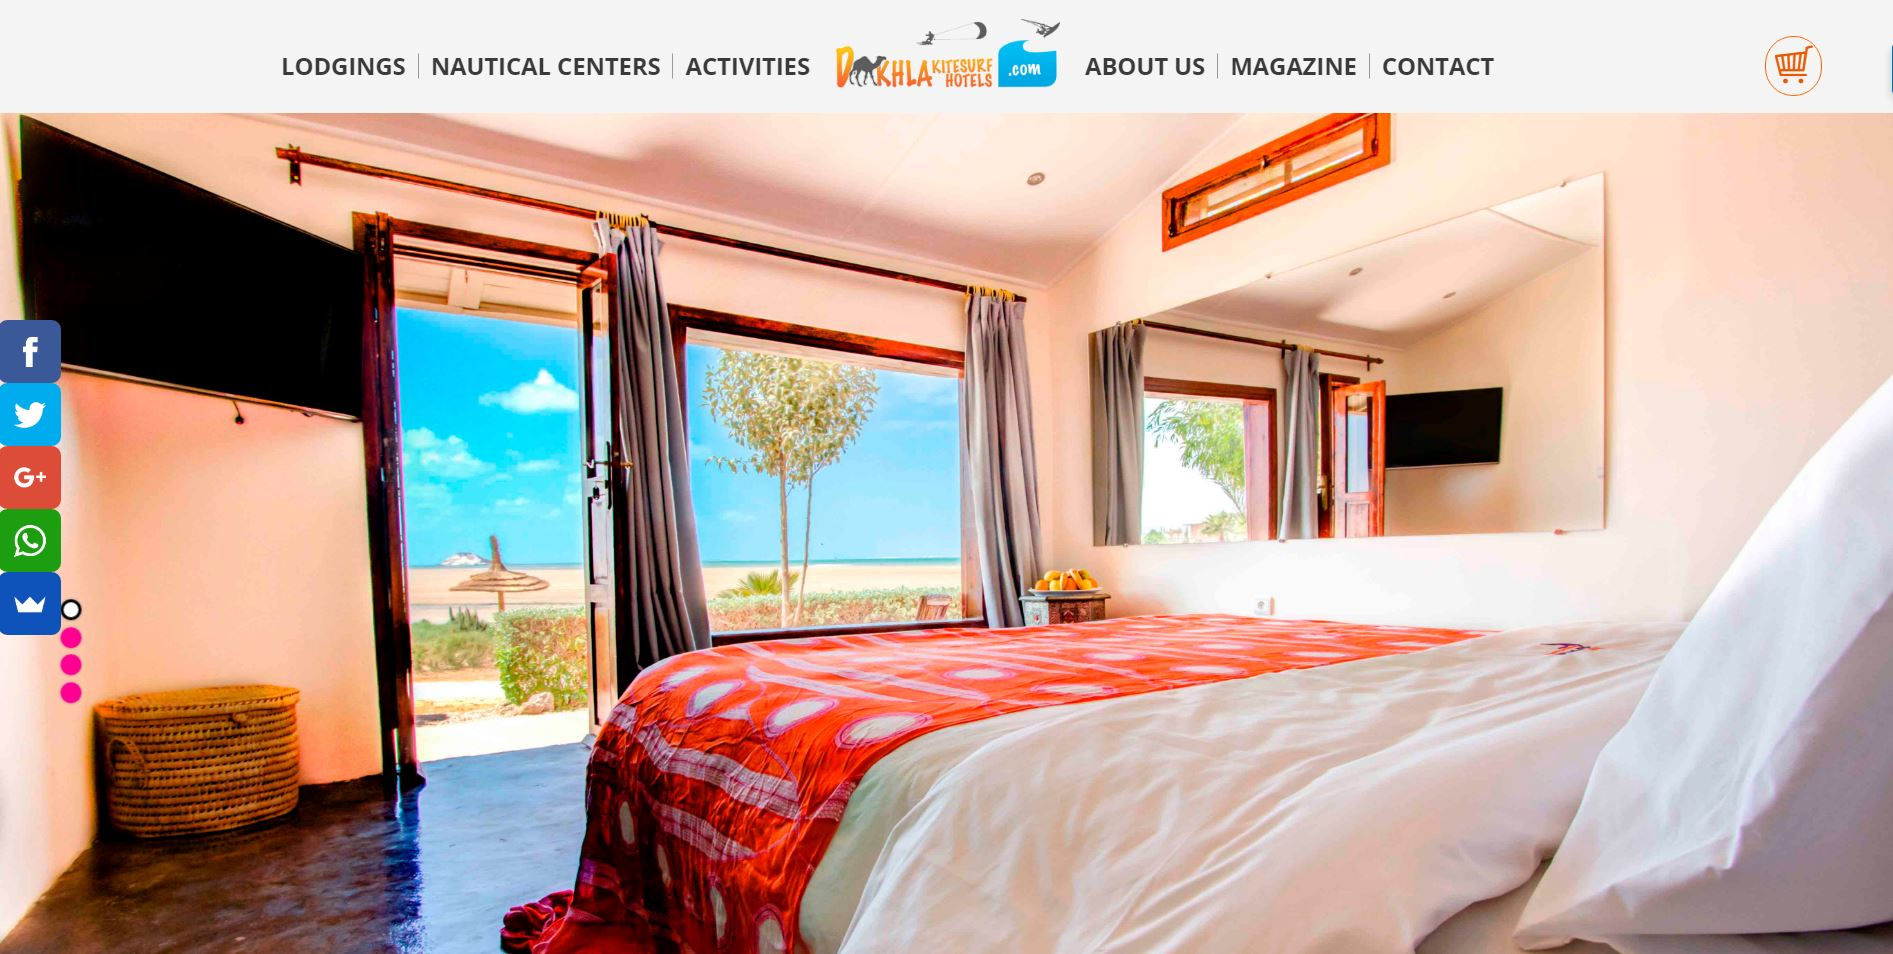 diseno-web-dakhla-kitesurf-hotels